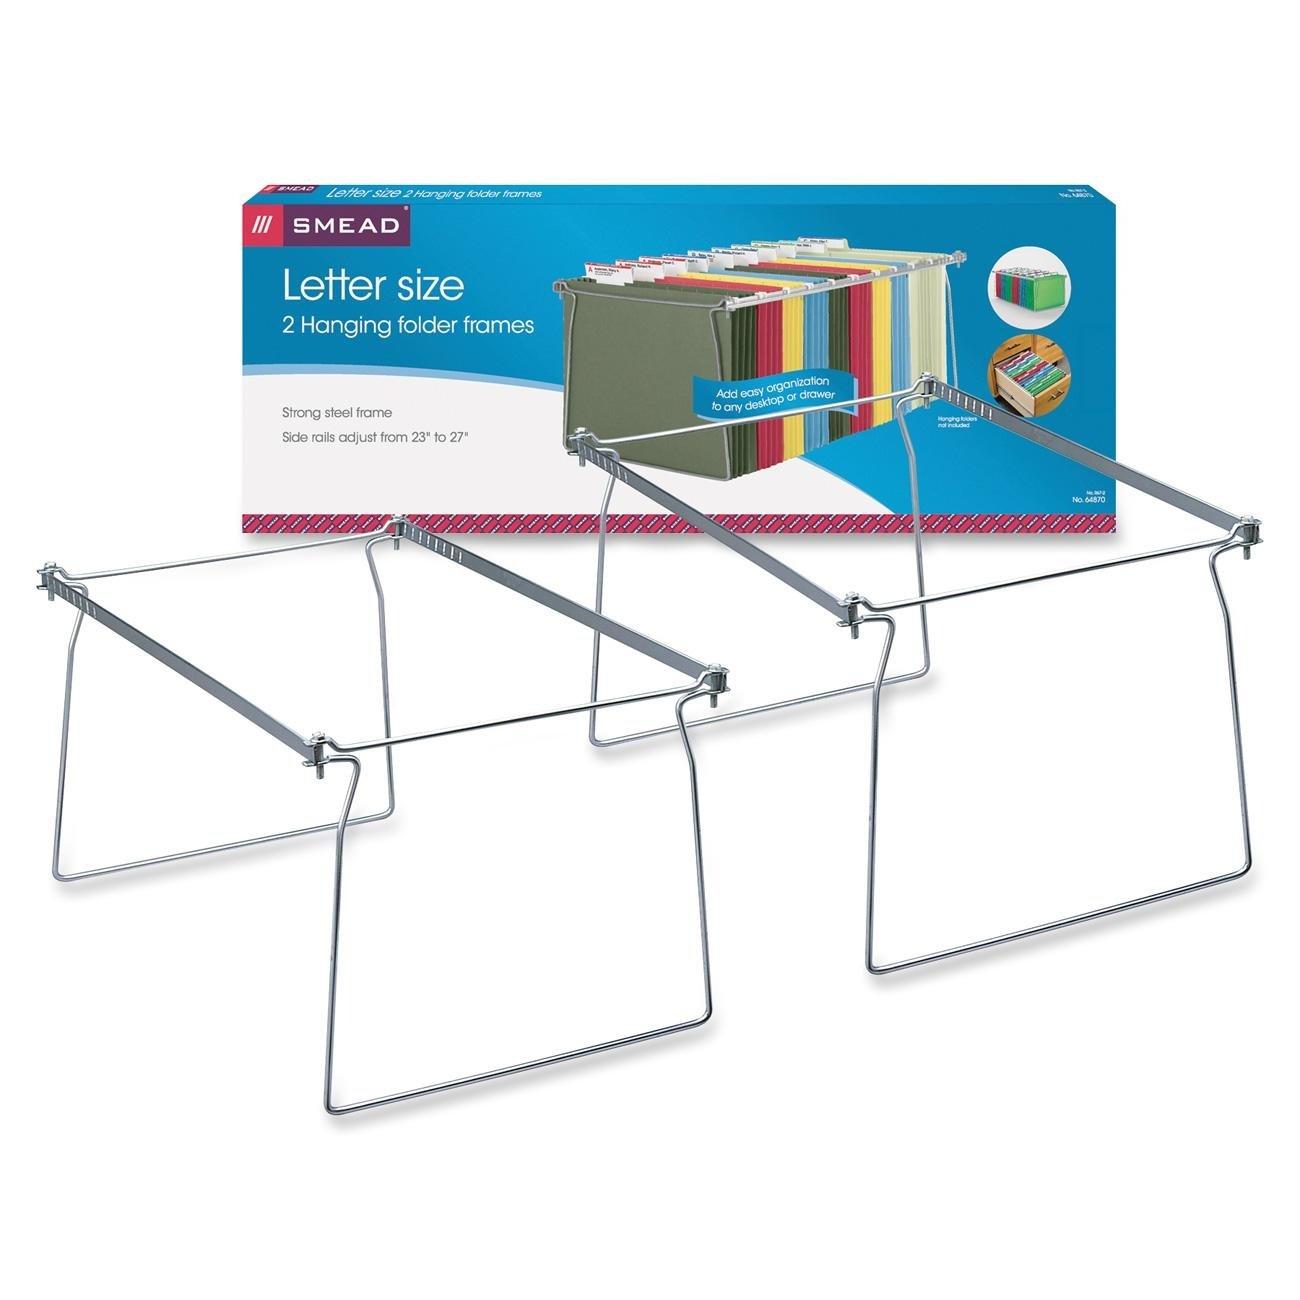 Amazon.com : Smead 64872 Hanging Folder Frame, Letter Size, 23-27 ...